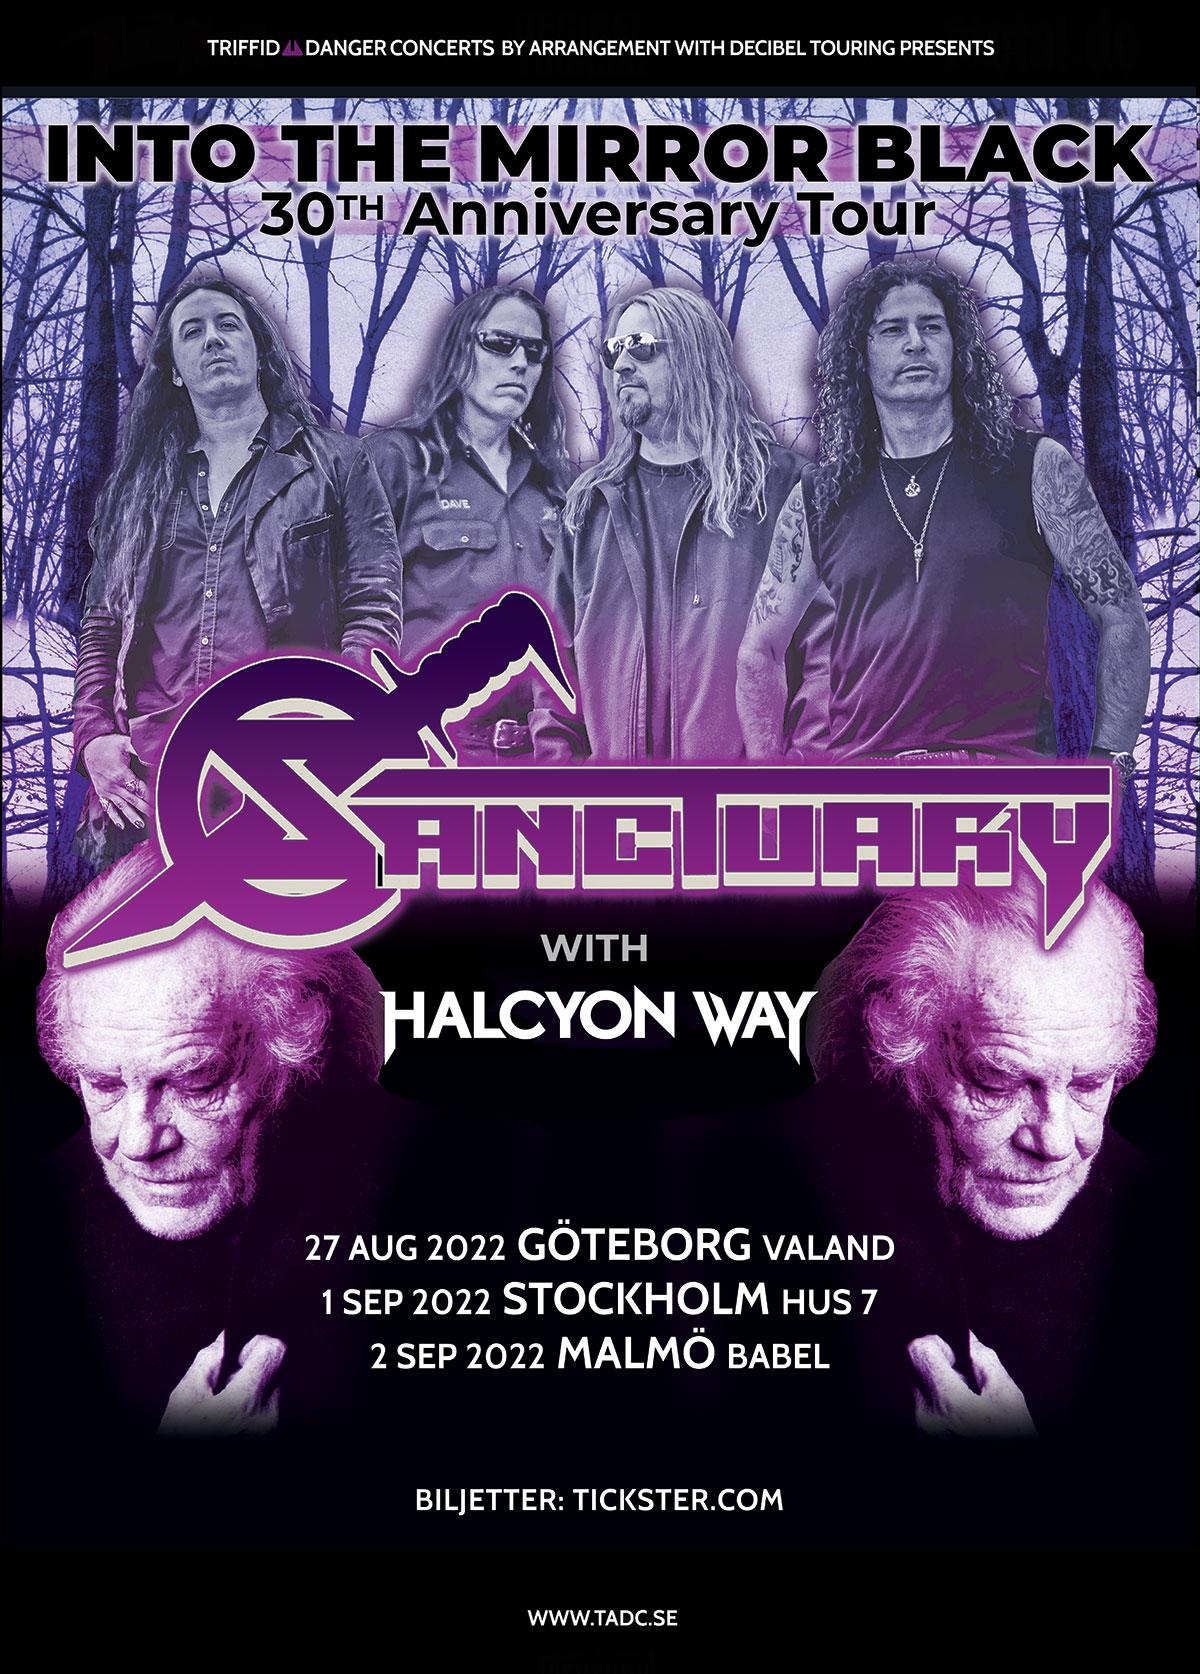 220902 : Sanctuary (US) LIVE – Support: Halcyon Way (US)